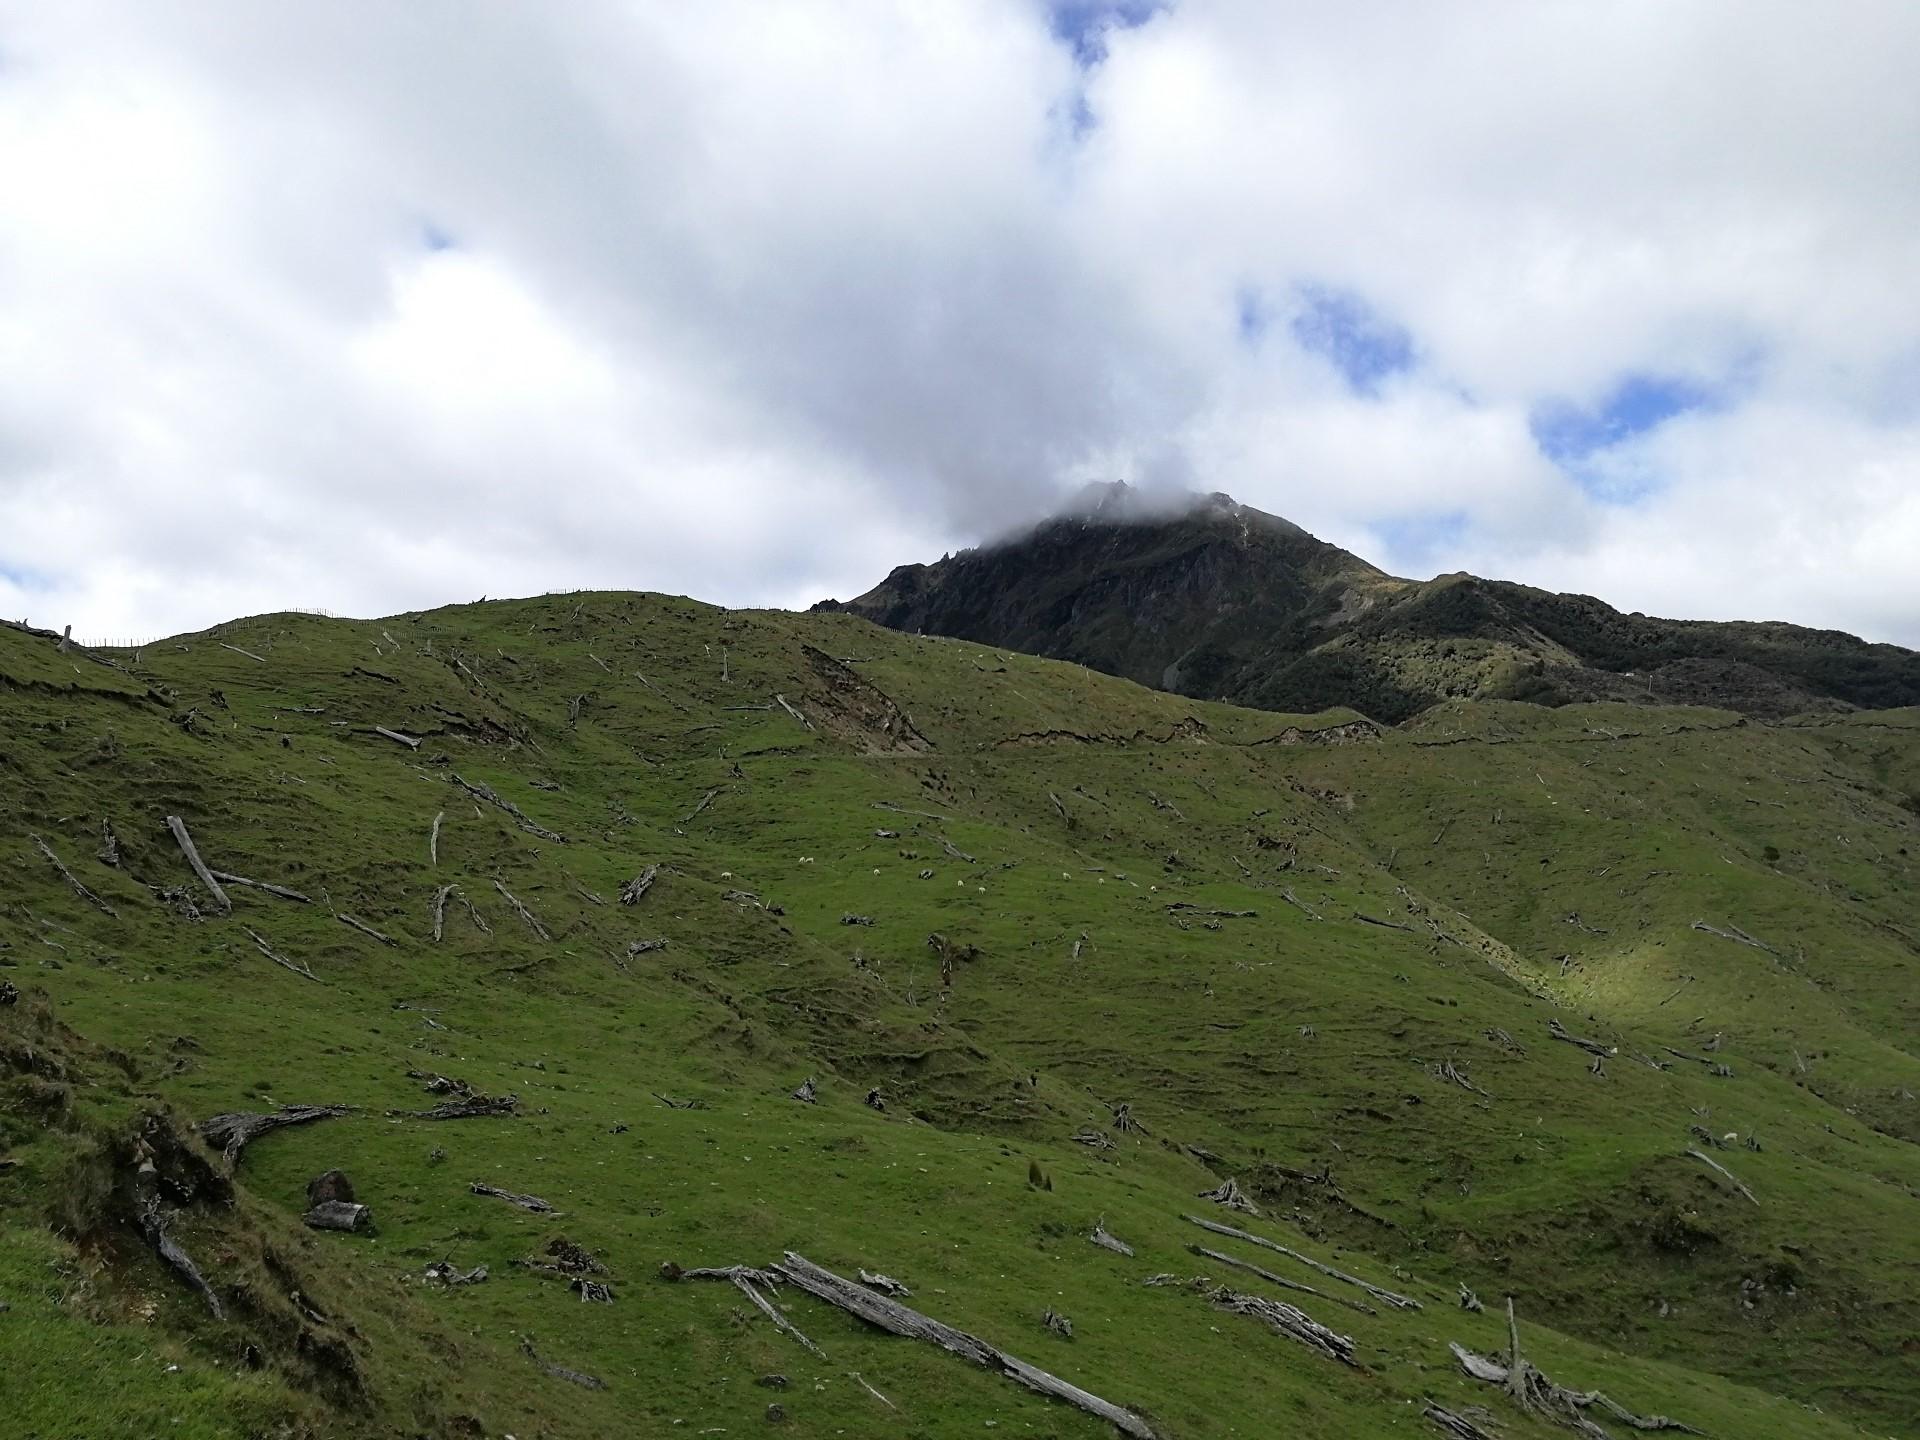 Pod vrcholem hory Hikurangi, který je zahalen v mlze